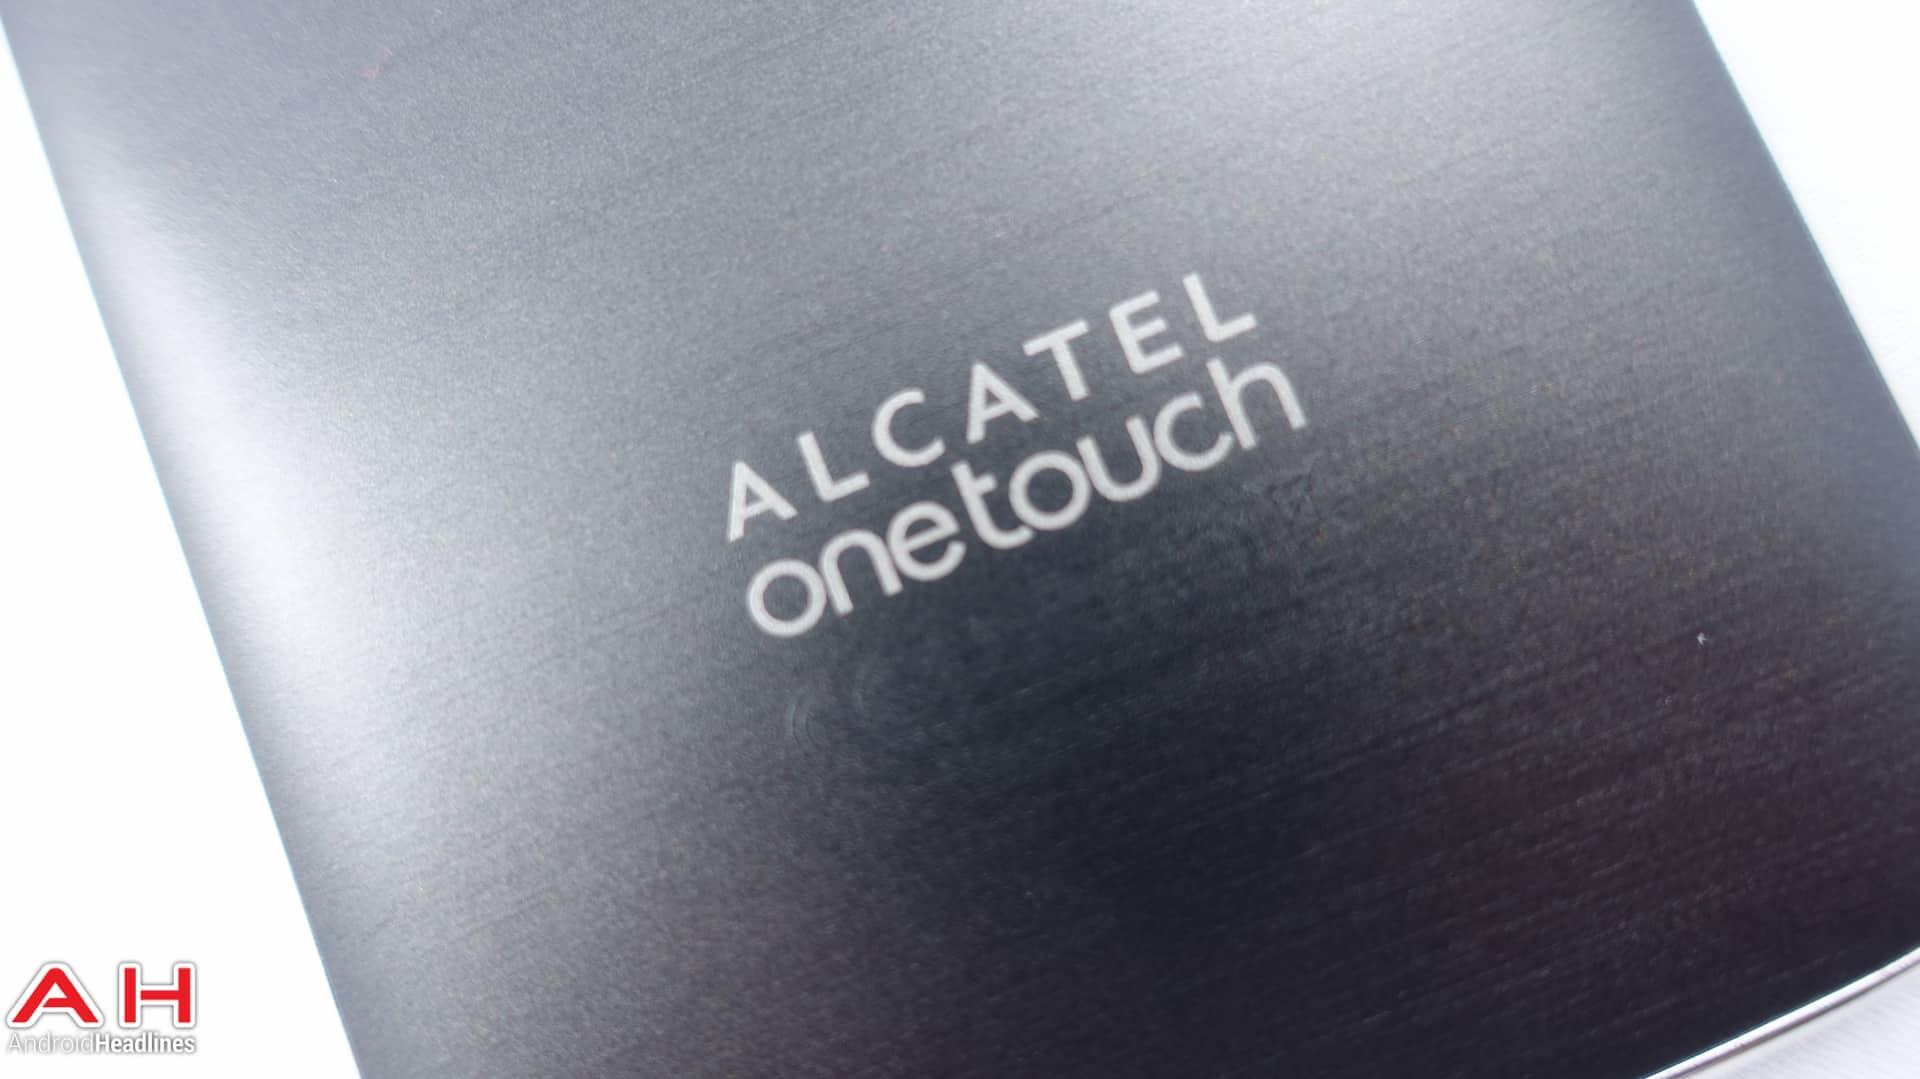 Alcatel Onetouch idol 3 AH 04034